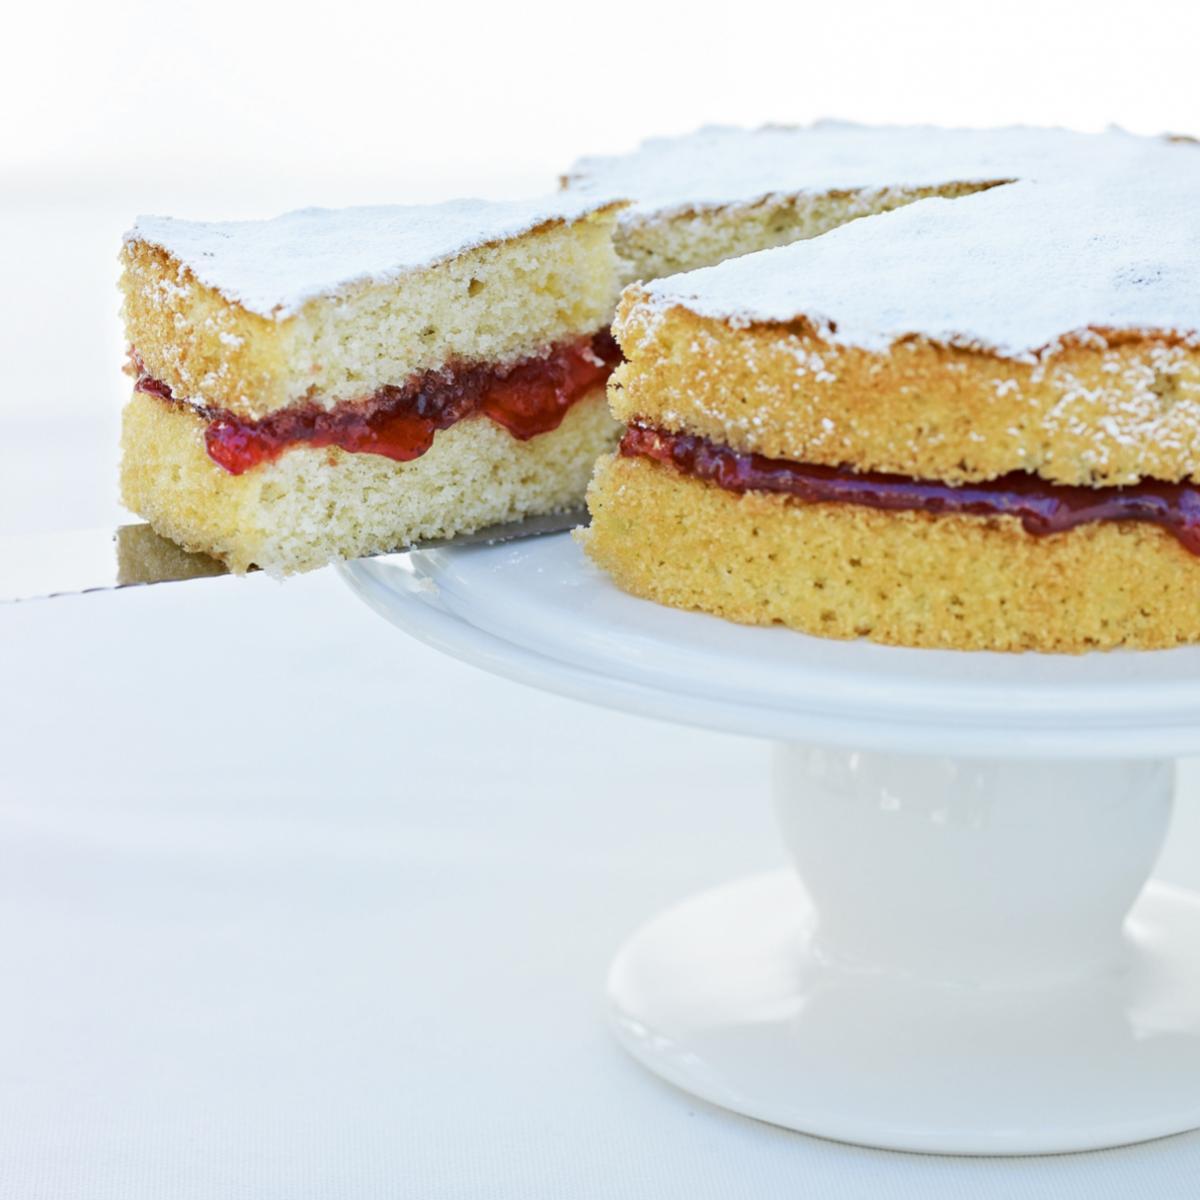 Scaling Up Sponge Cake Recipes